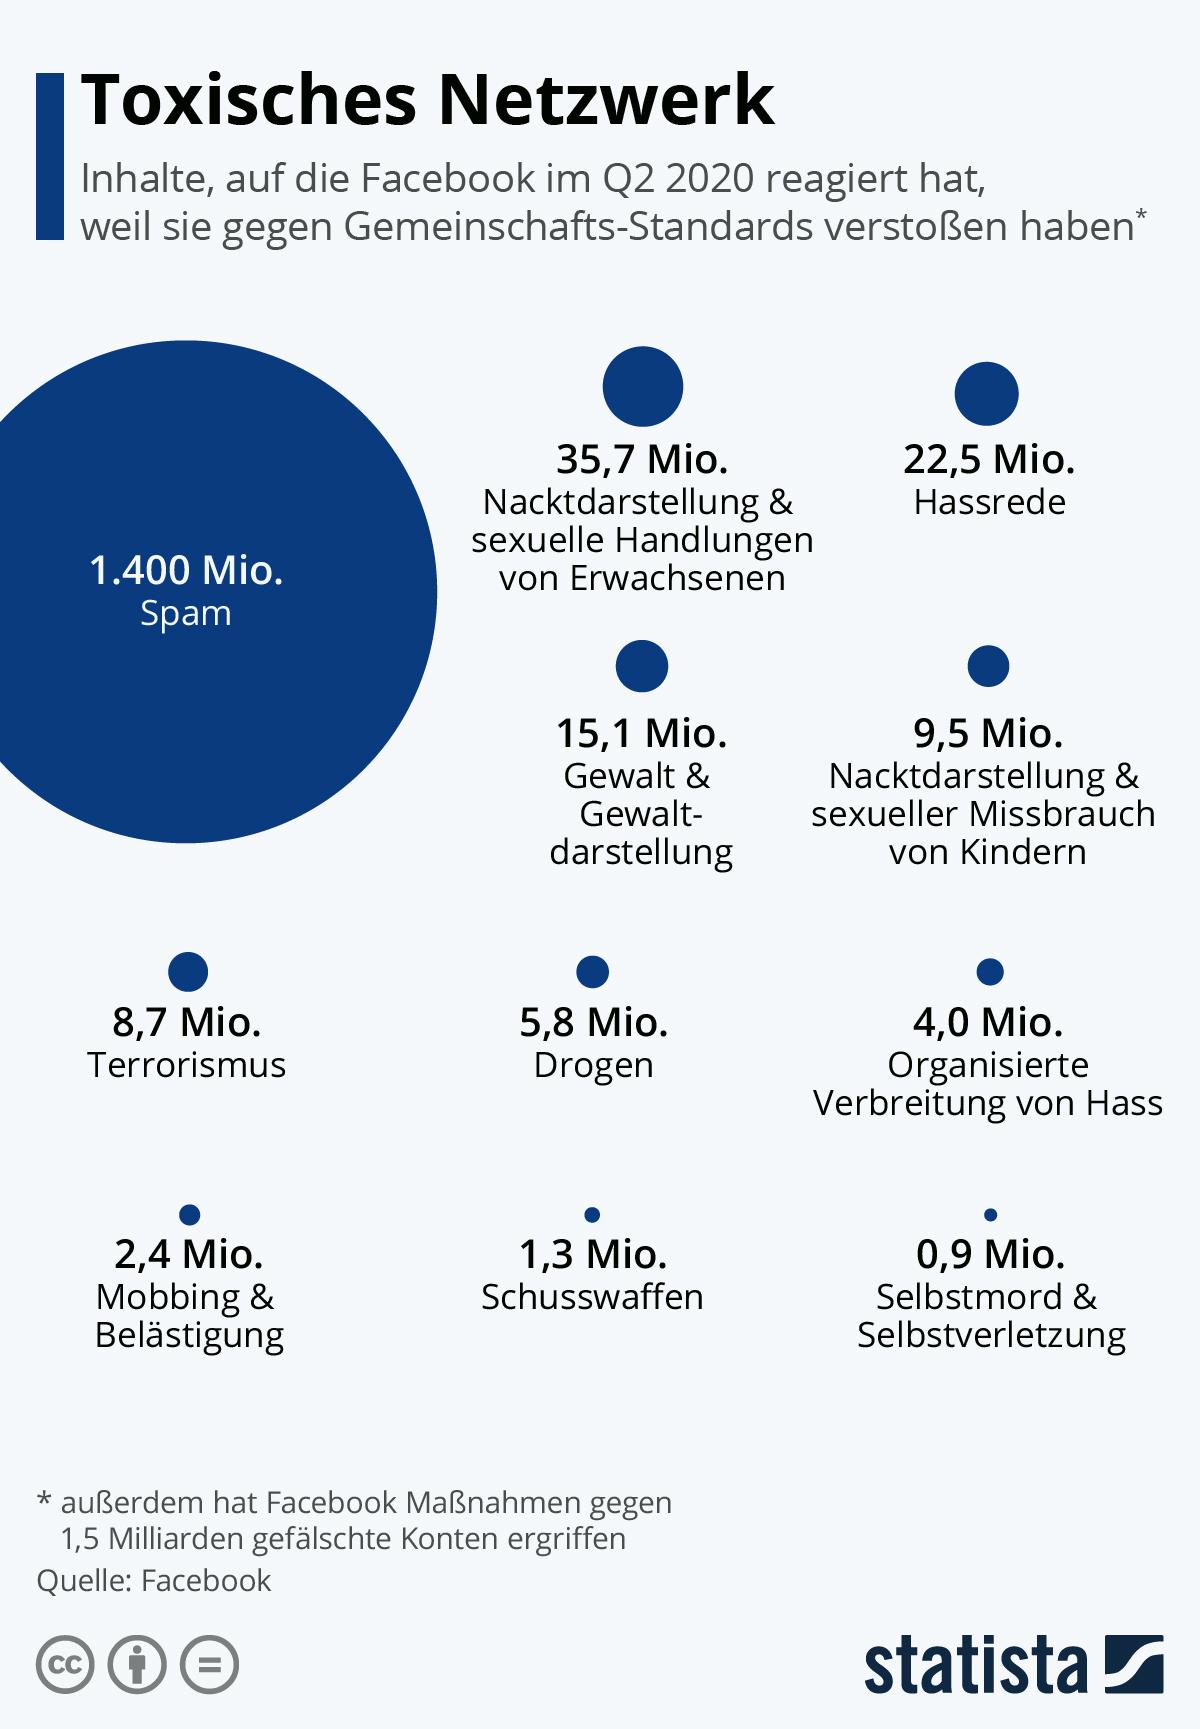 Toxisches Netzwerk | Statista